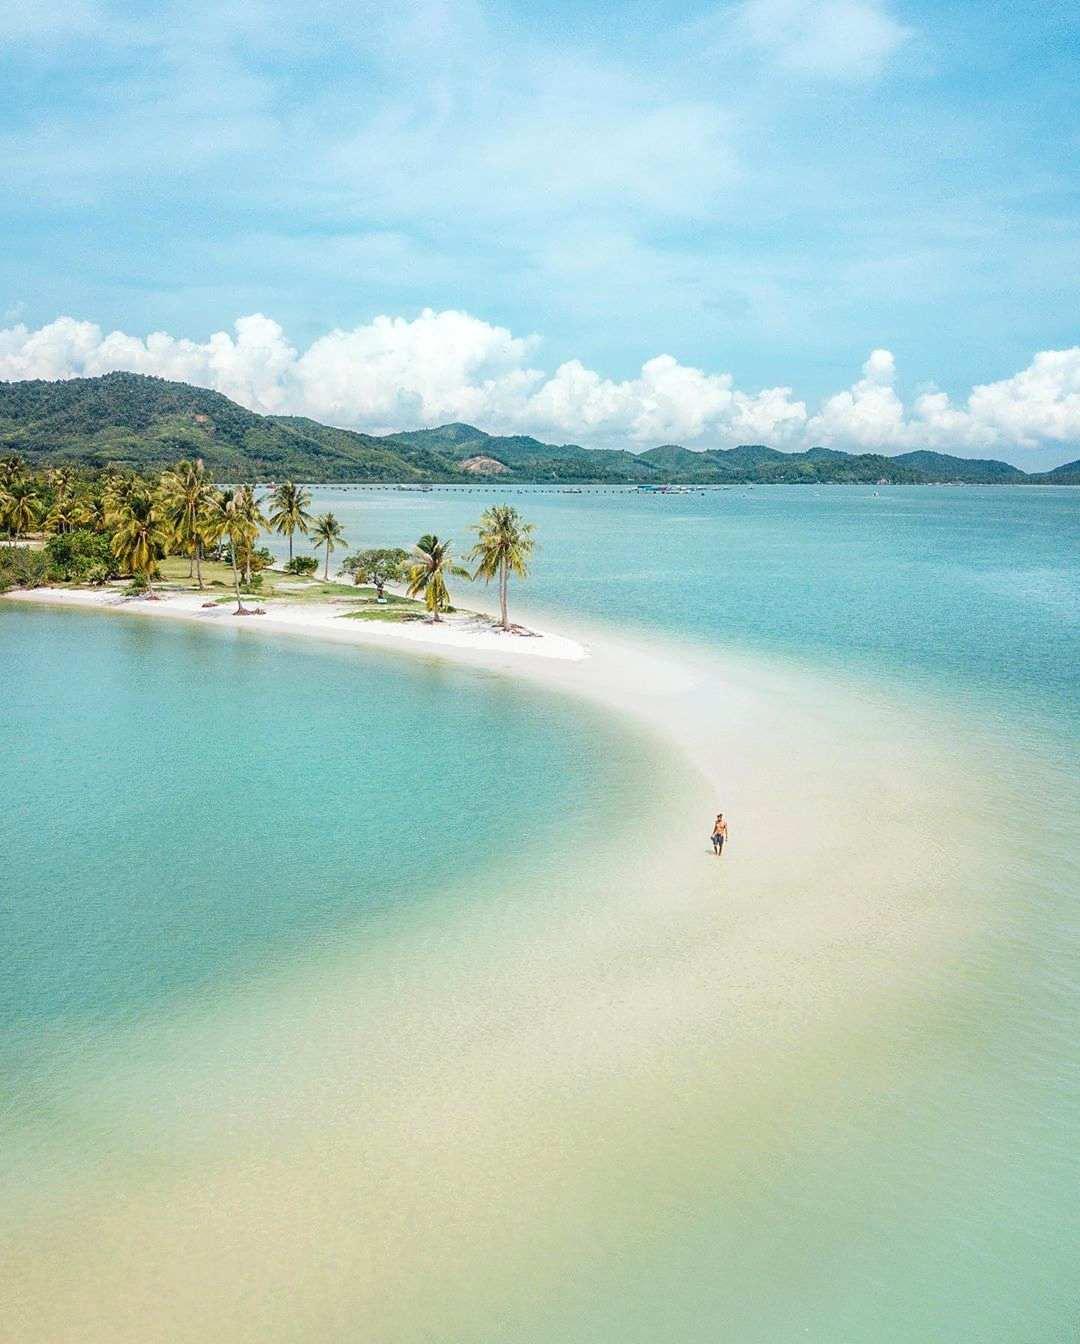 Koh Yao Yai, Leam Had Beach, sandbank